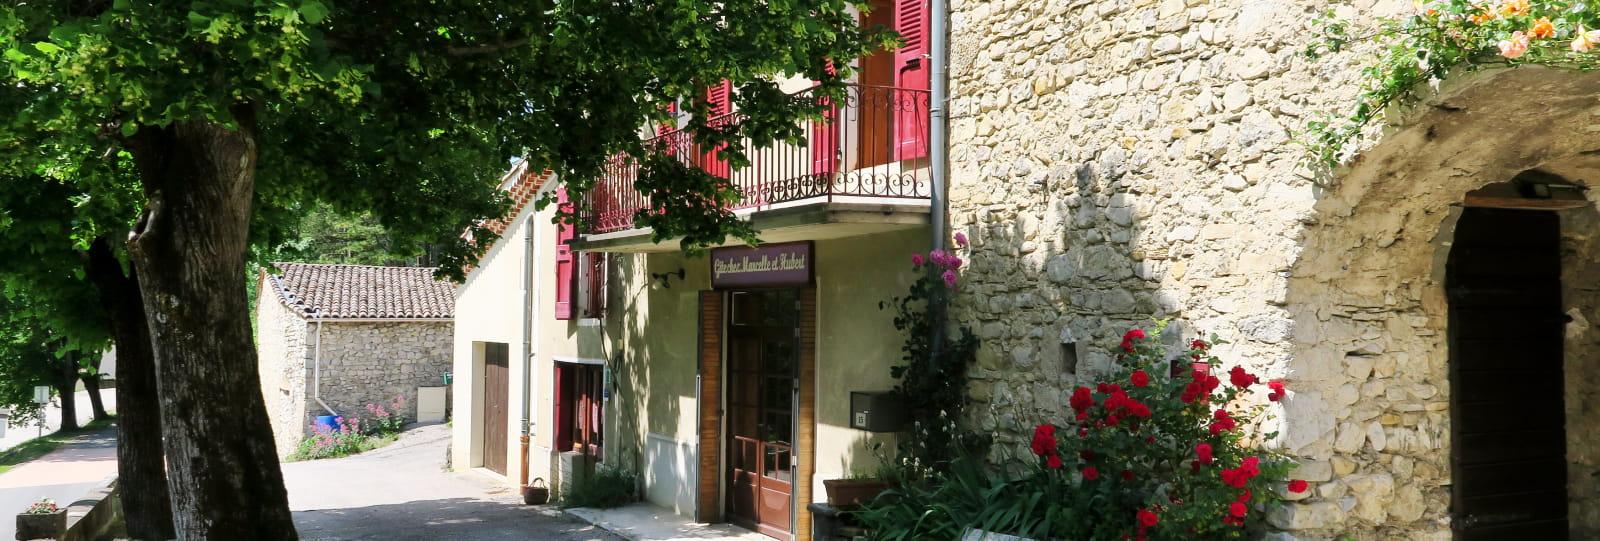 Fialoux Géraldine et Yanis - Chez Marcelle et Hubert